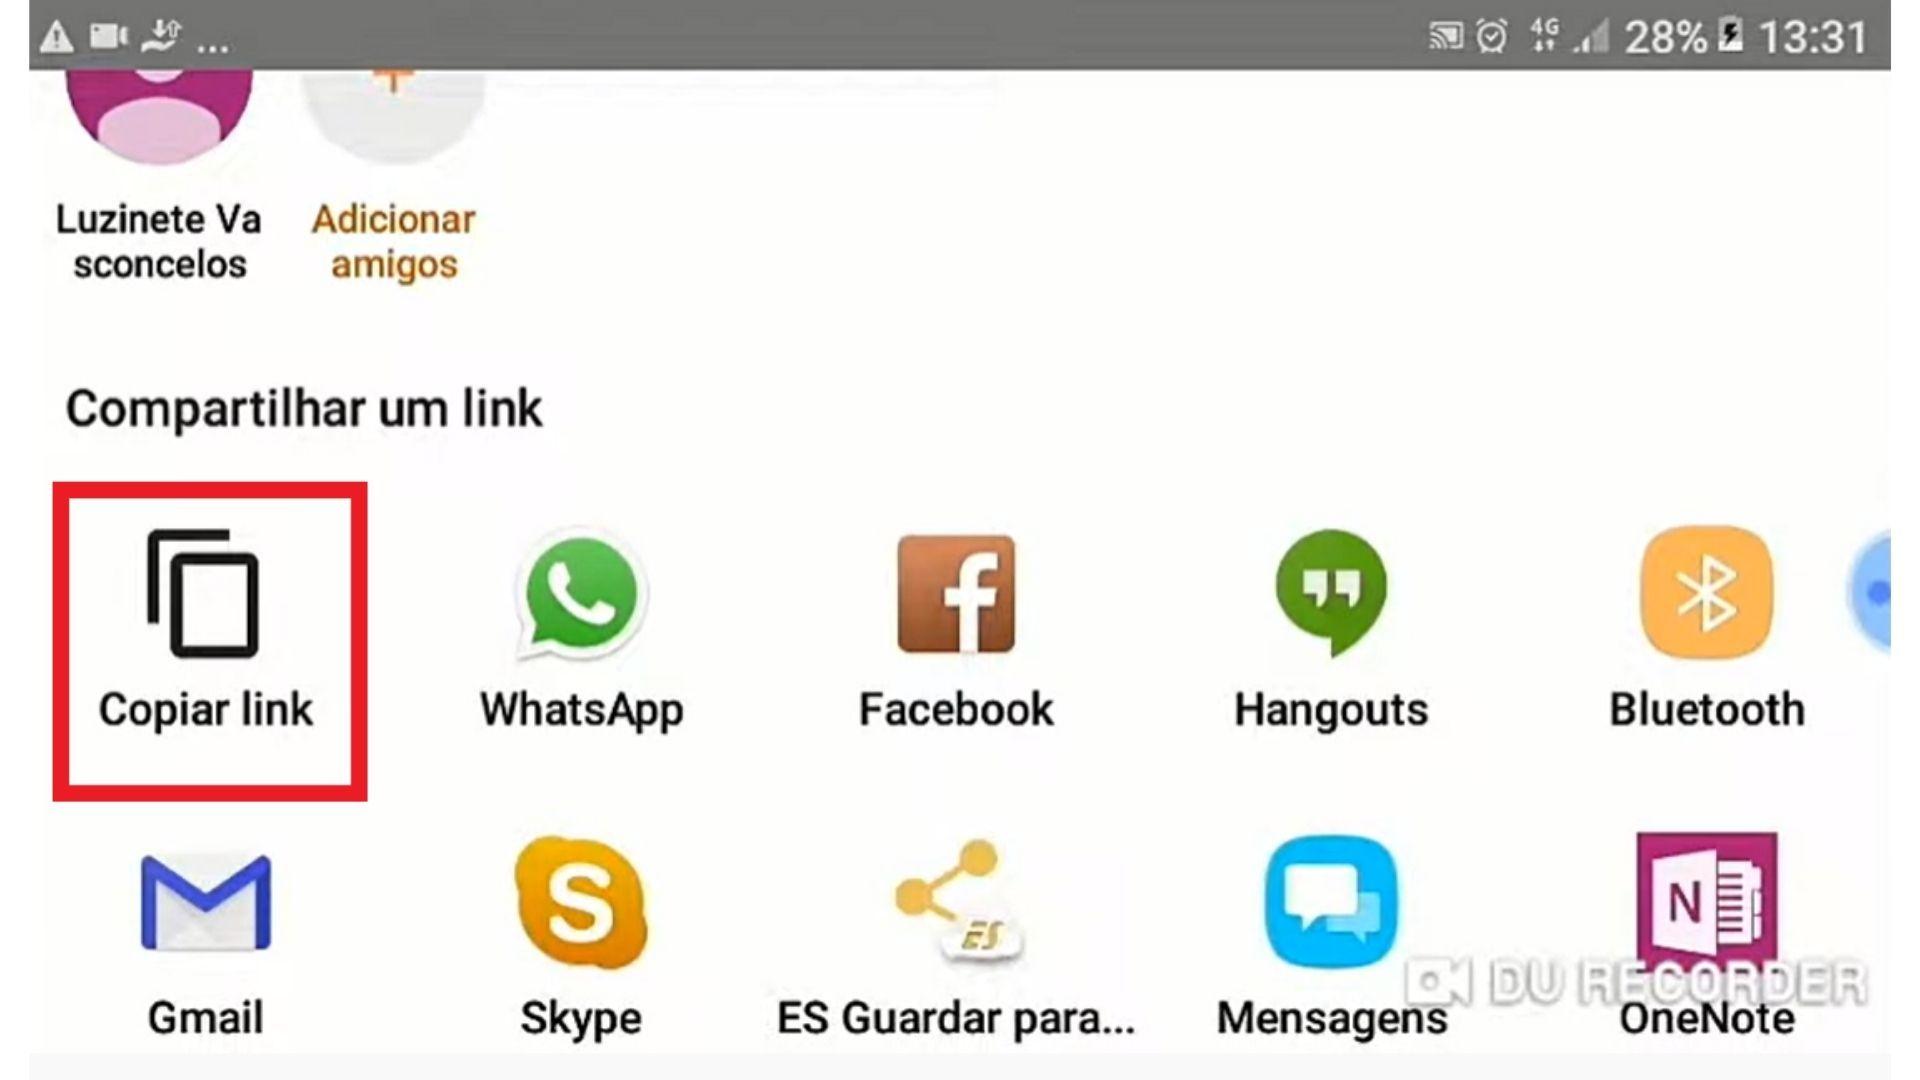 Tela do celular com destaque para a função copiar link ao lado de outros ícones